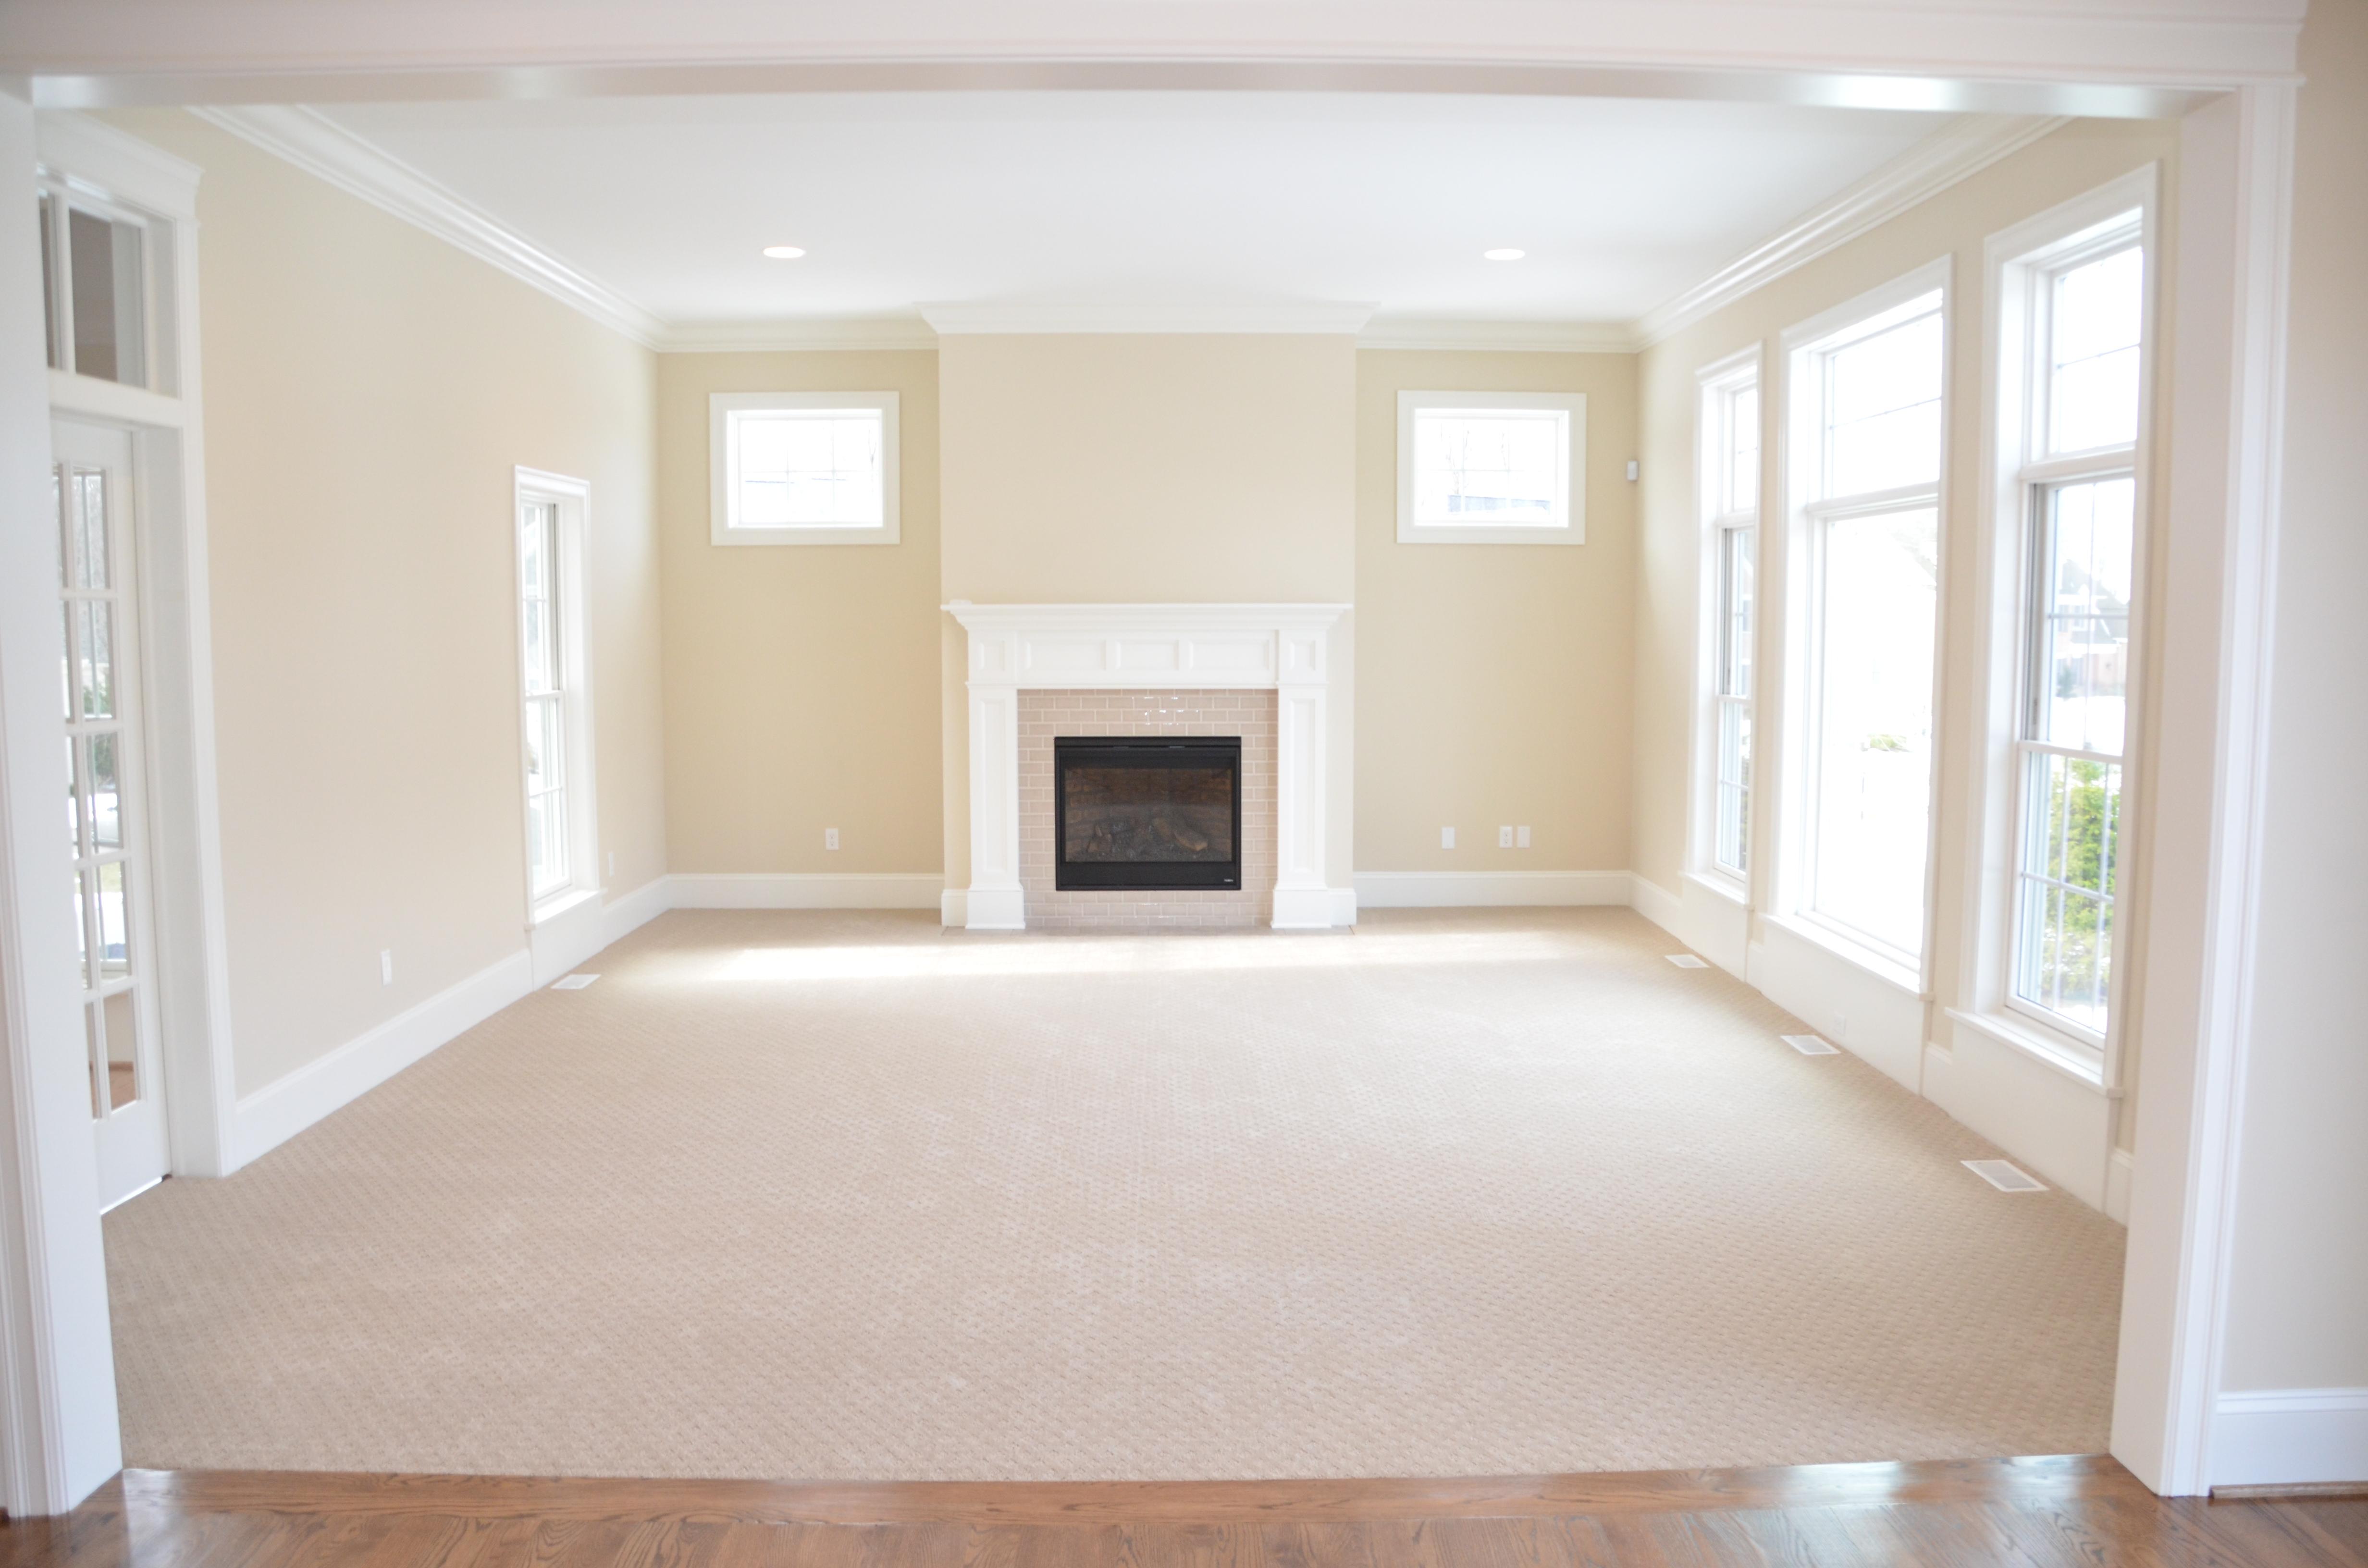 Pittsford Custom Homes - Living Room